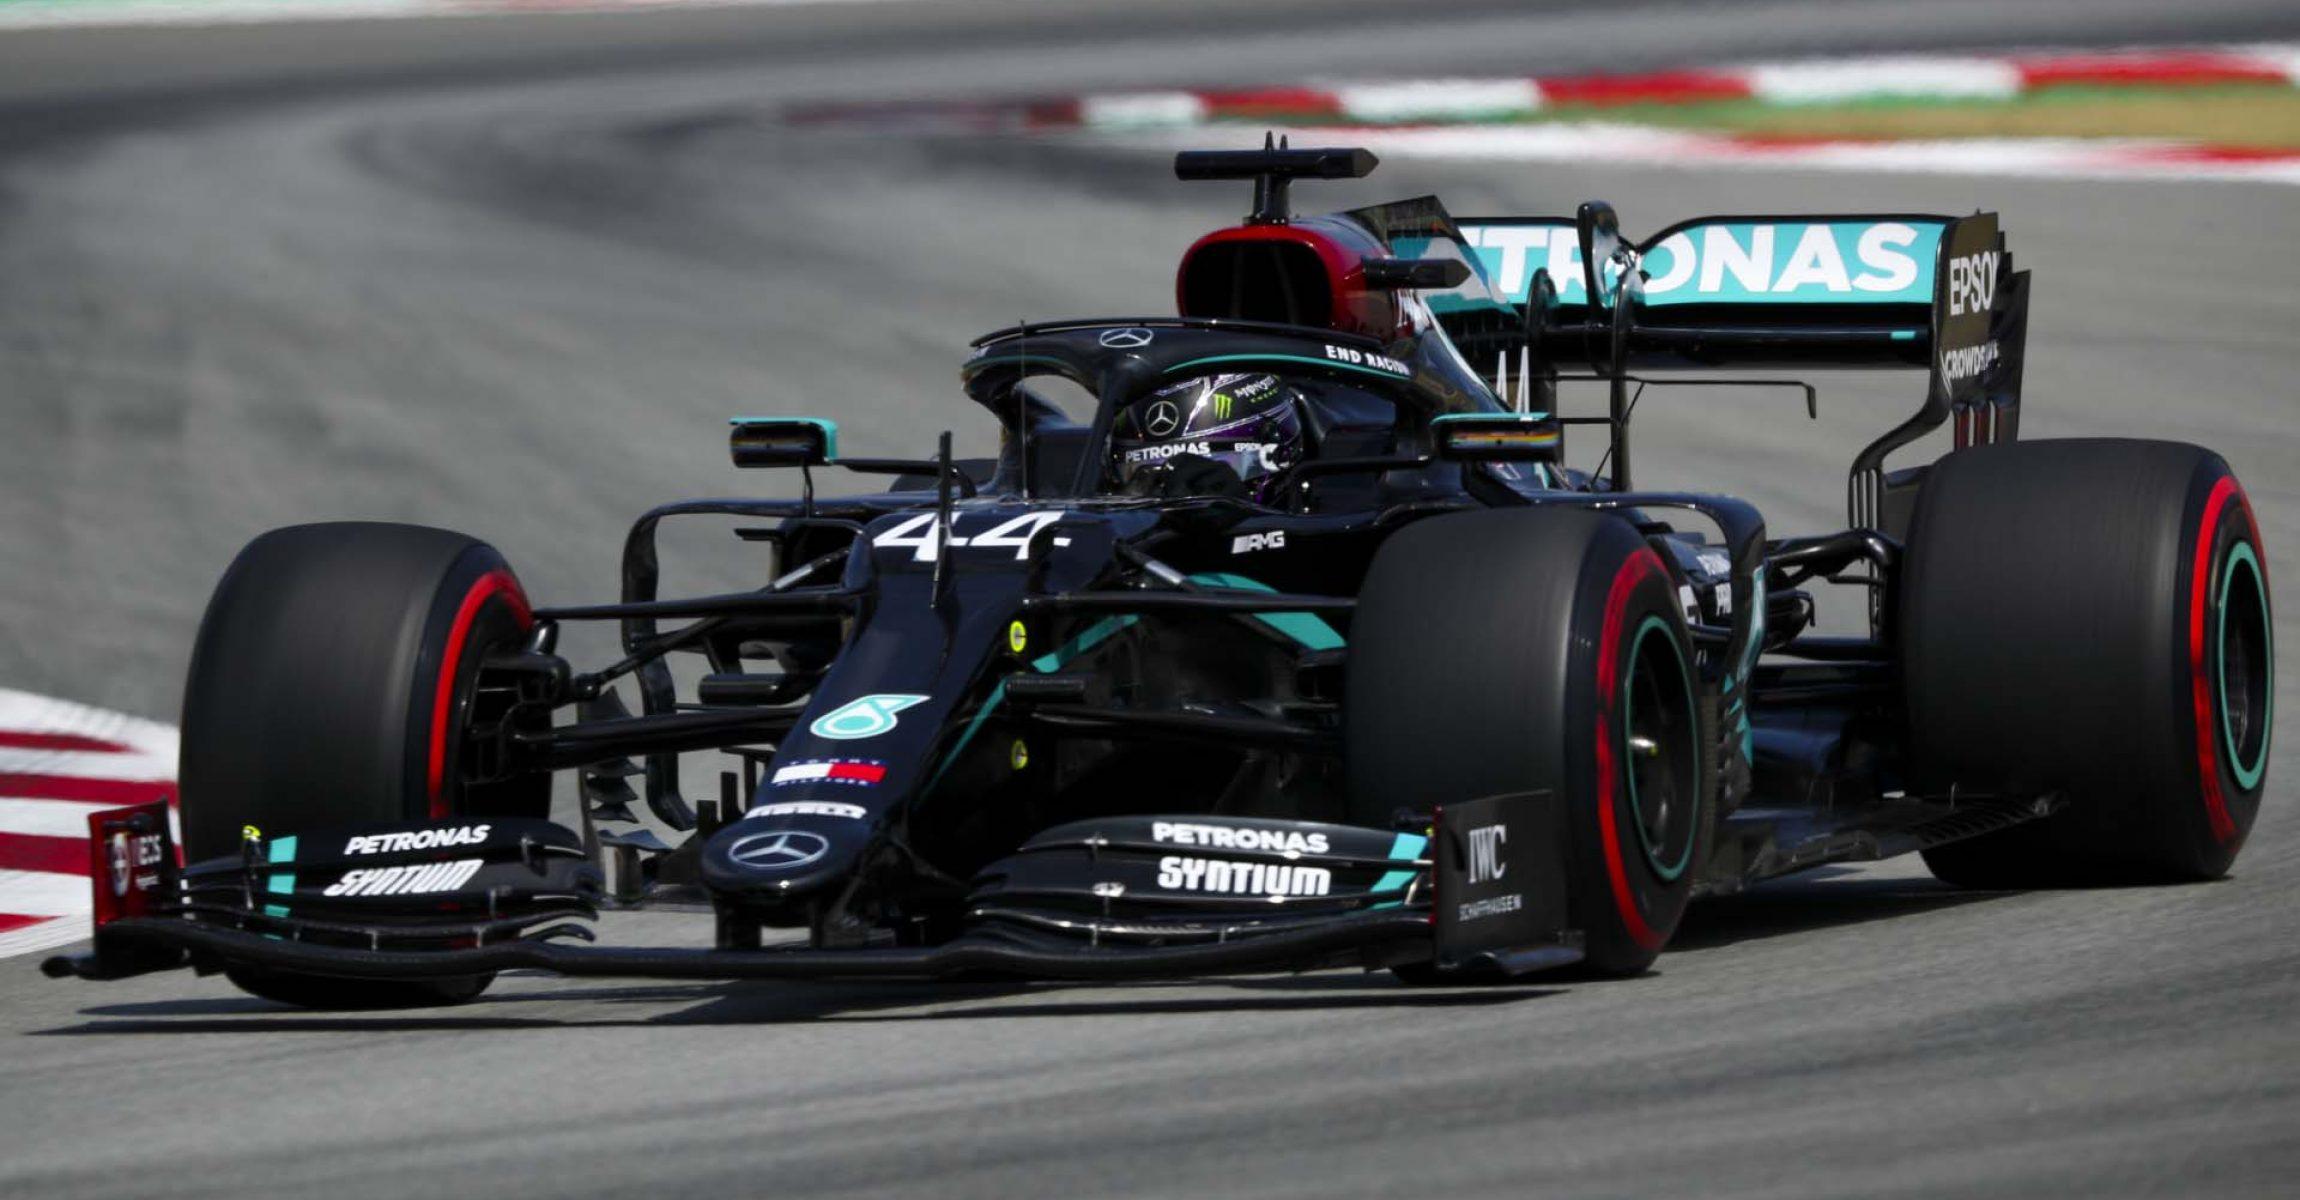 2020 Spanish Grand Prix, Saturday - LAT Images Lewis Hamilton Mercedes